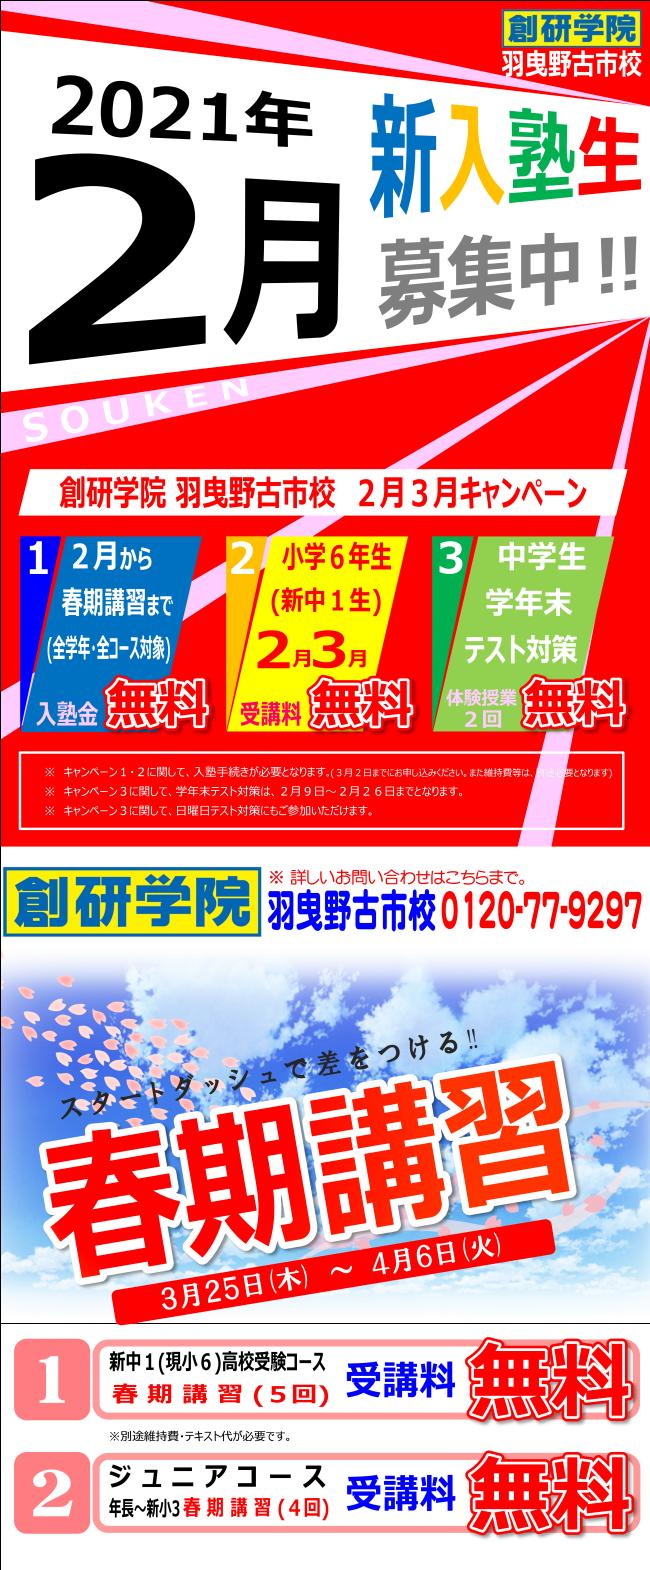 ☆★2021年2月新入塾生募集!!★☆